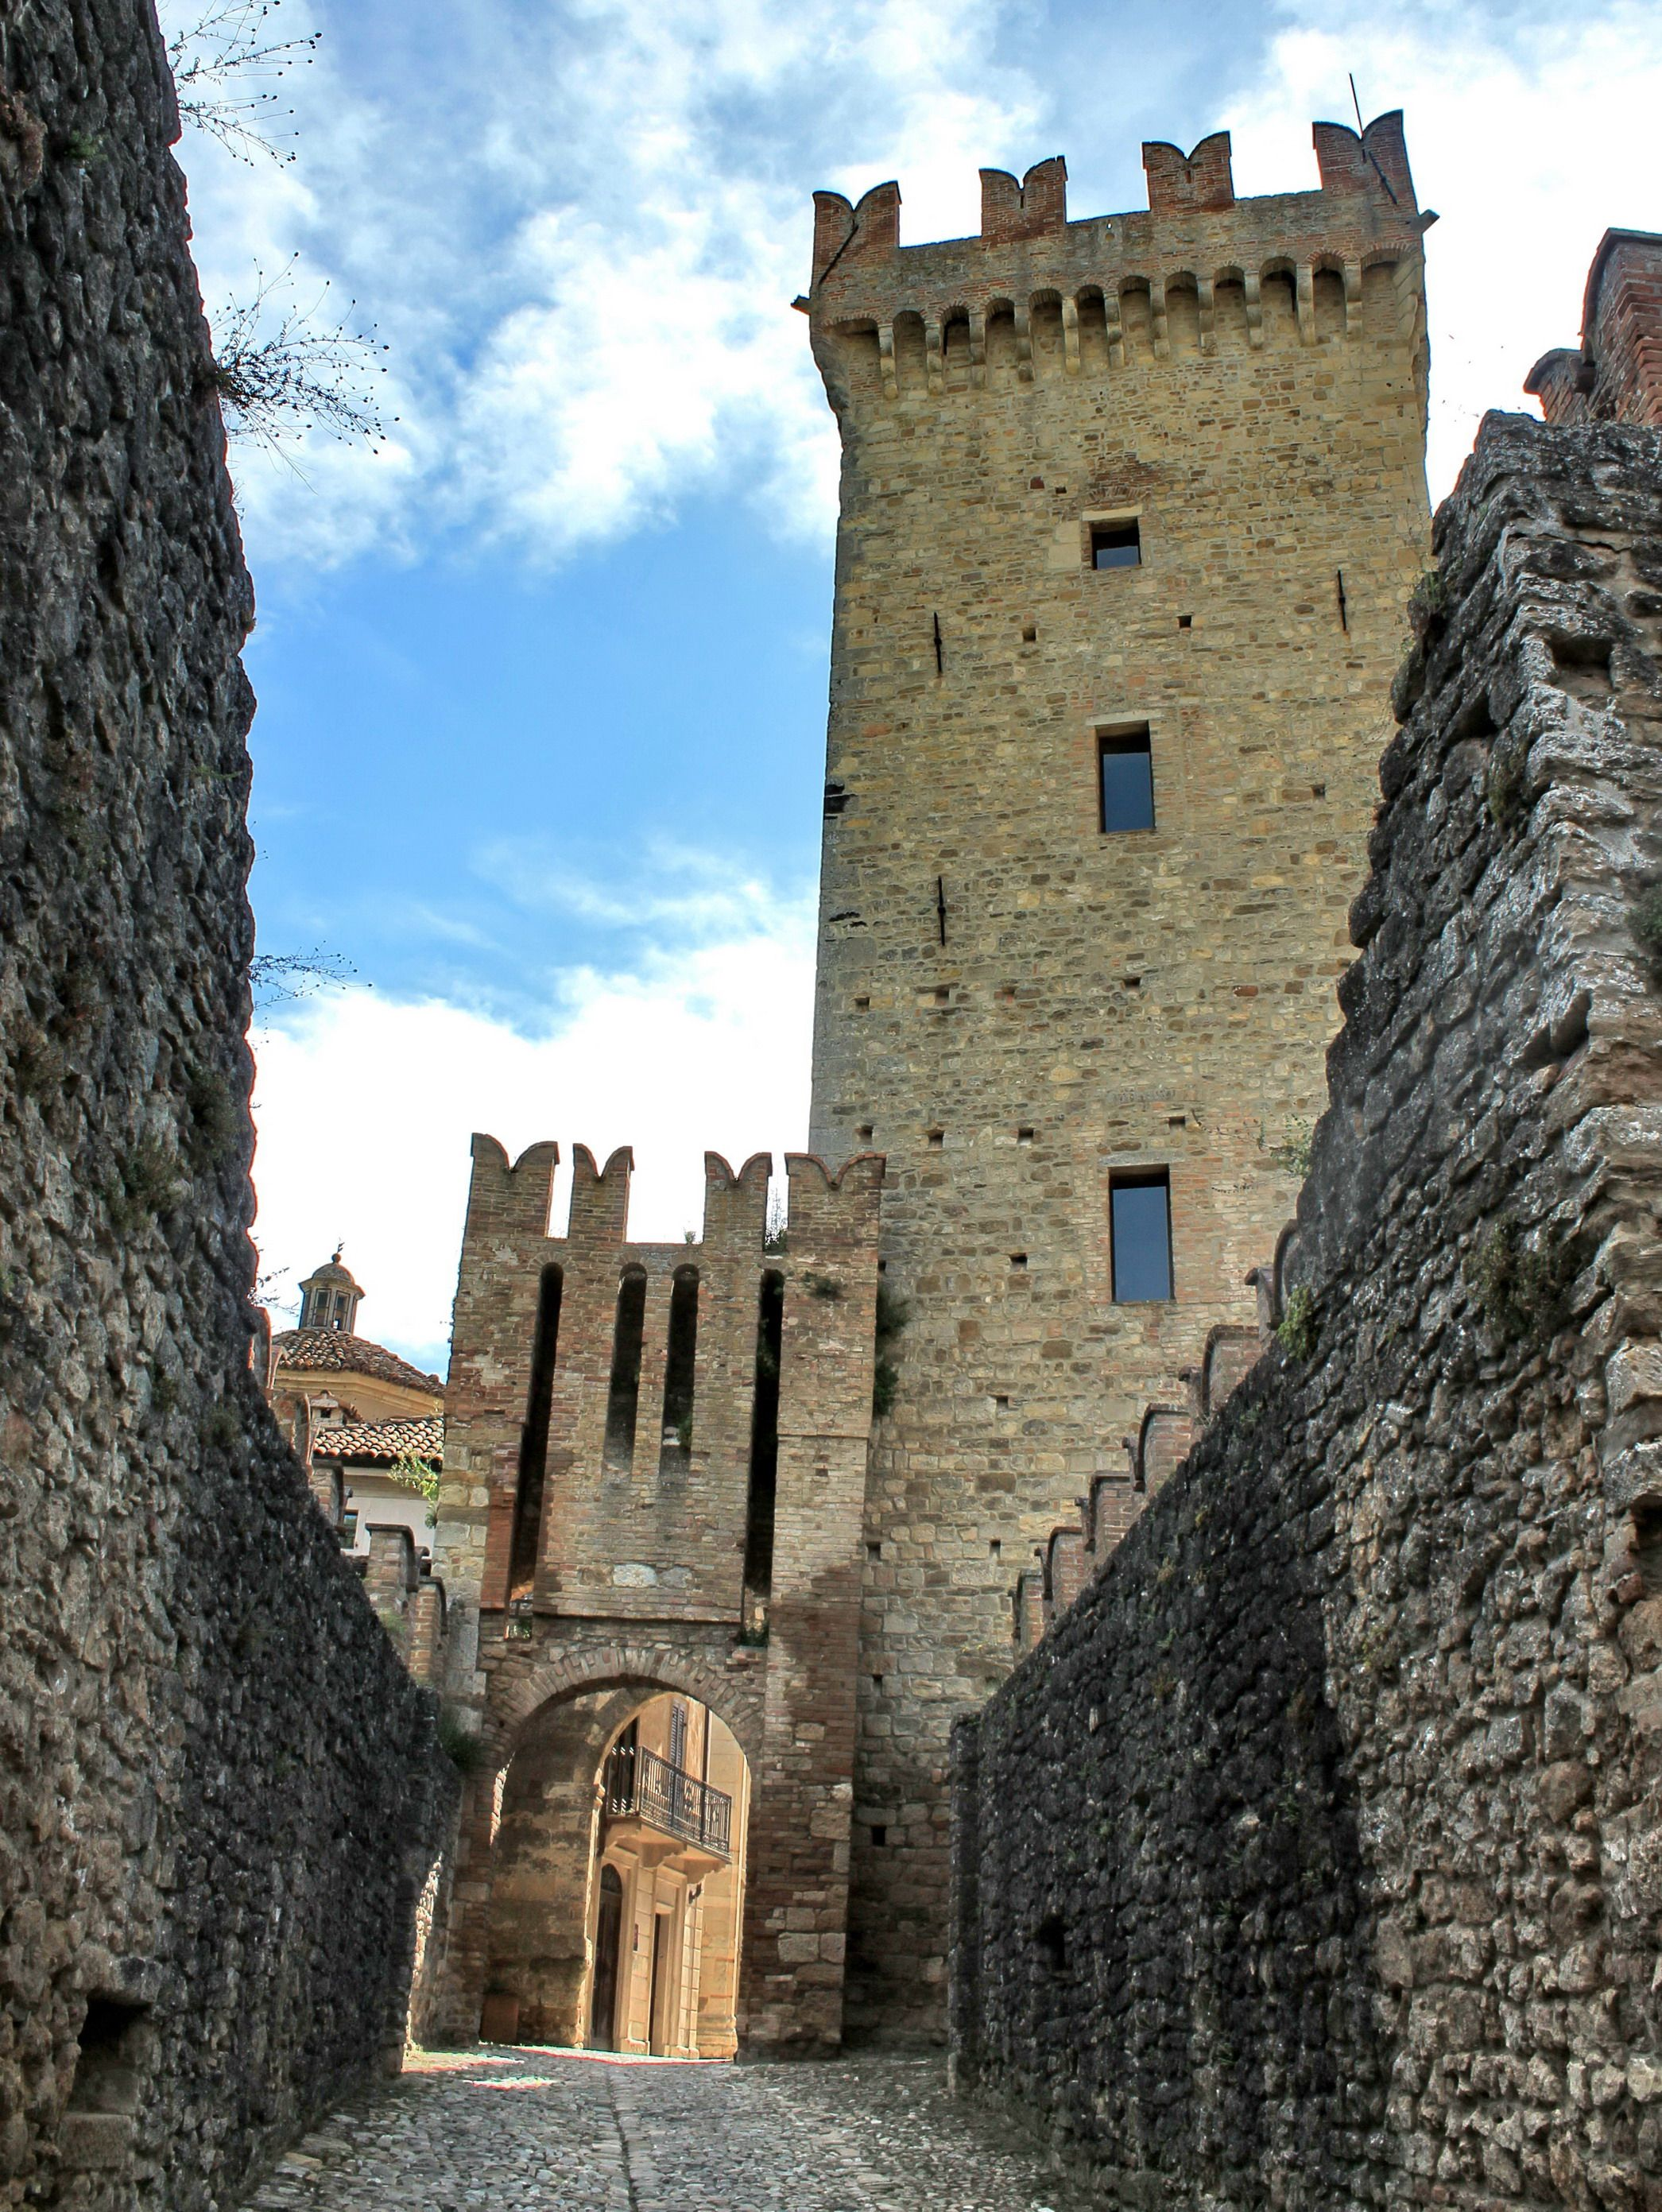 VIGOLENO (Emilia-Romagna) - Italy - by Guido Tosatto